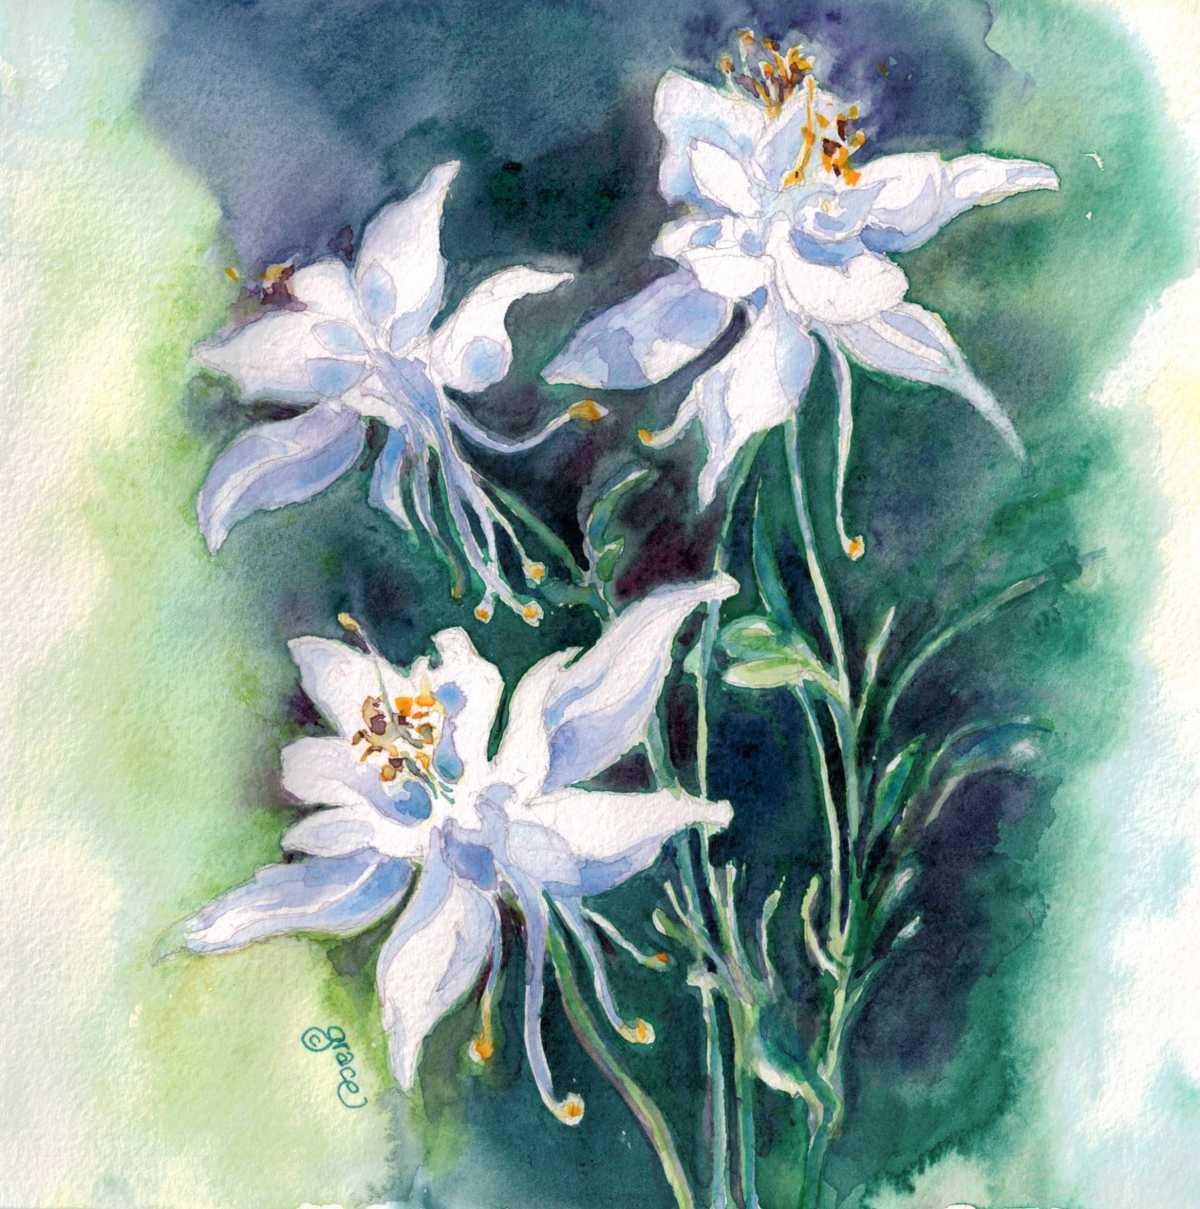 Wildflowers by Grace Yvonne Millette